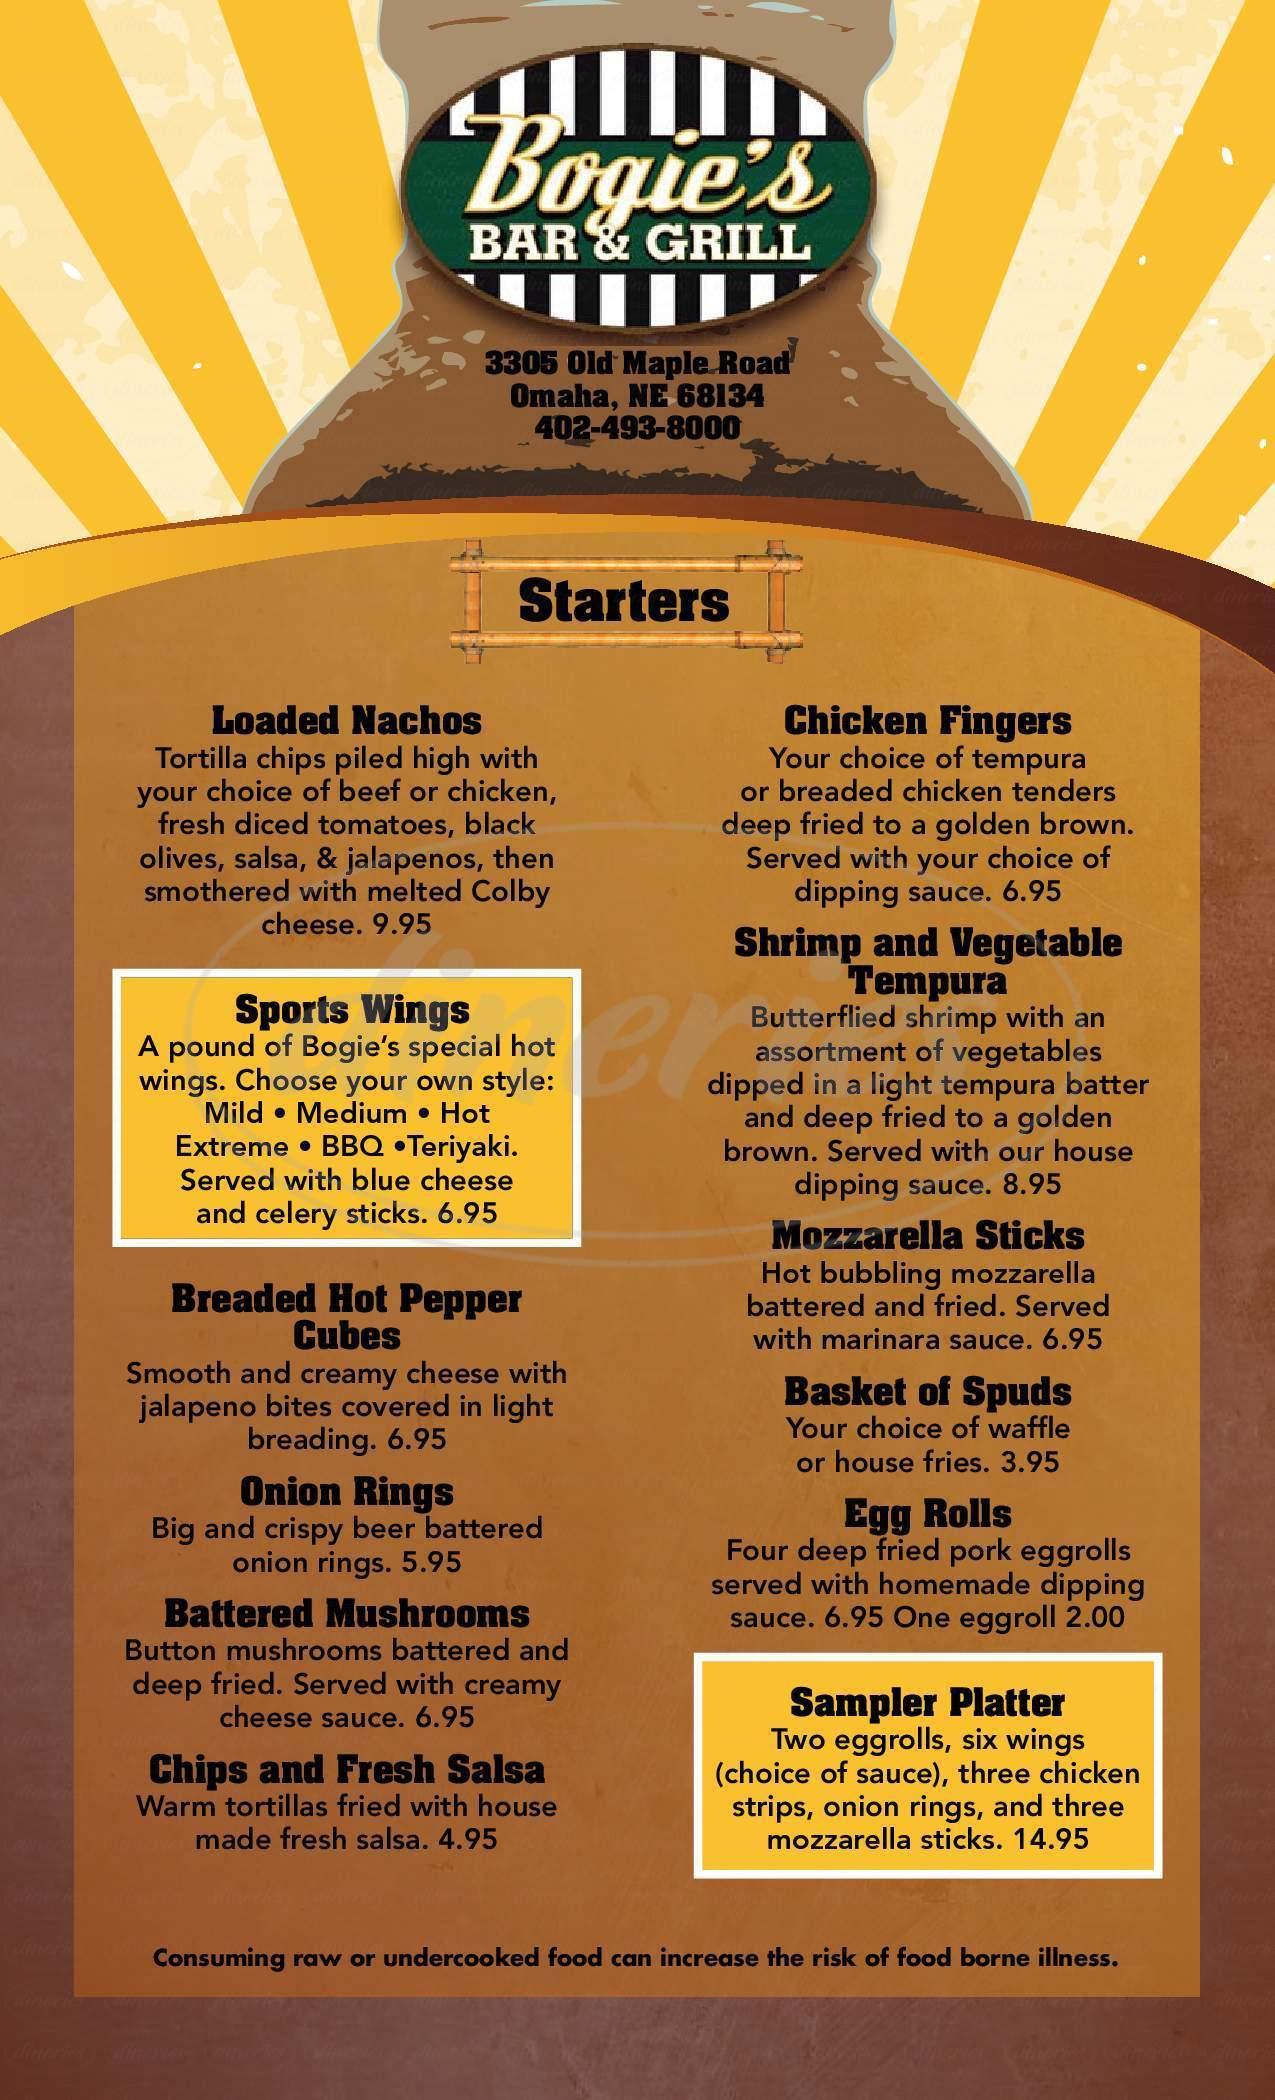 menu for Bogies Bar & Grill